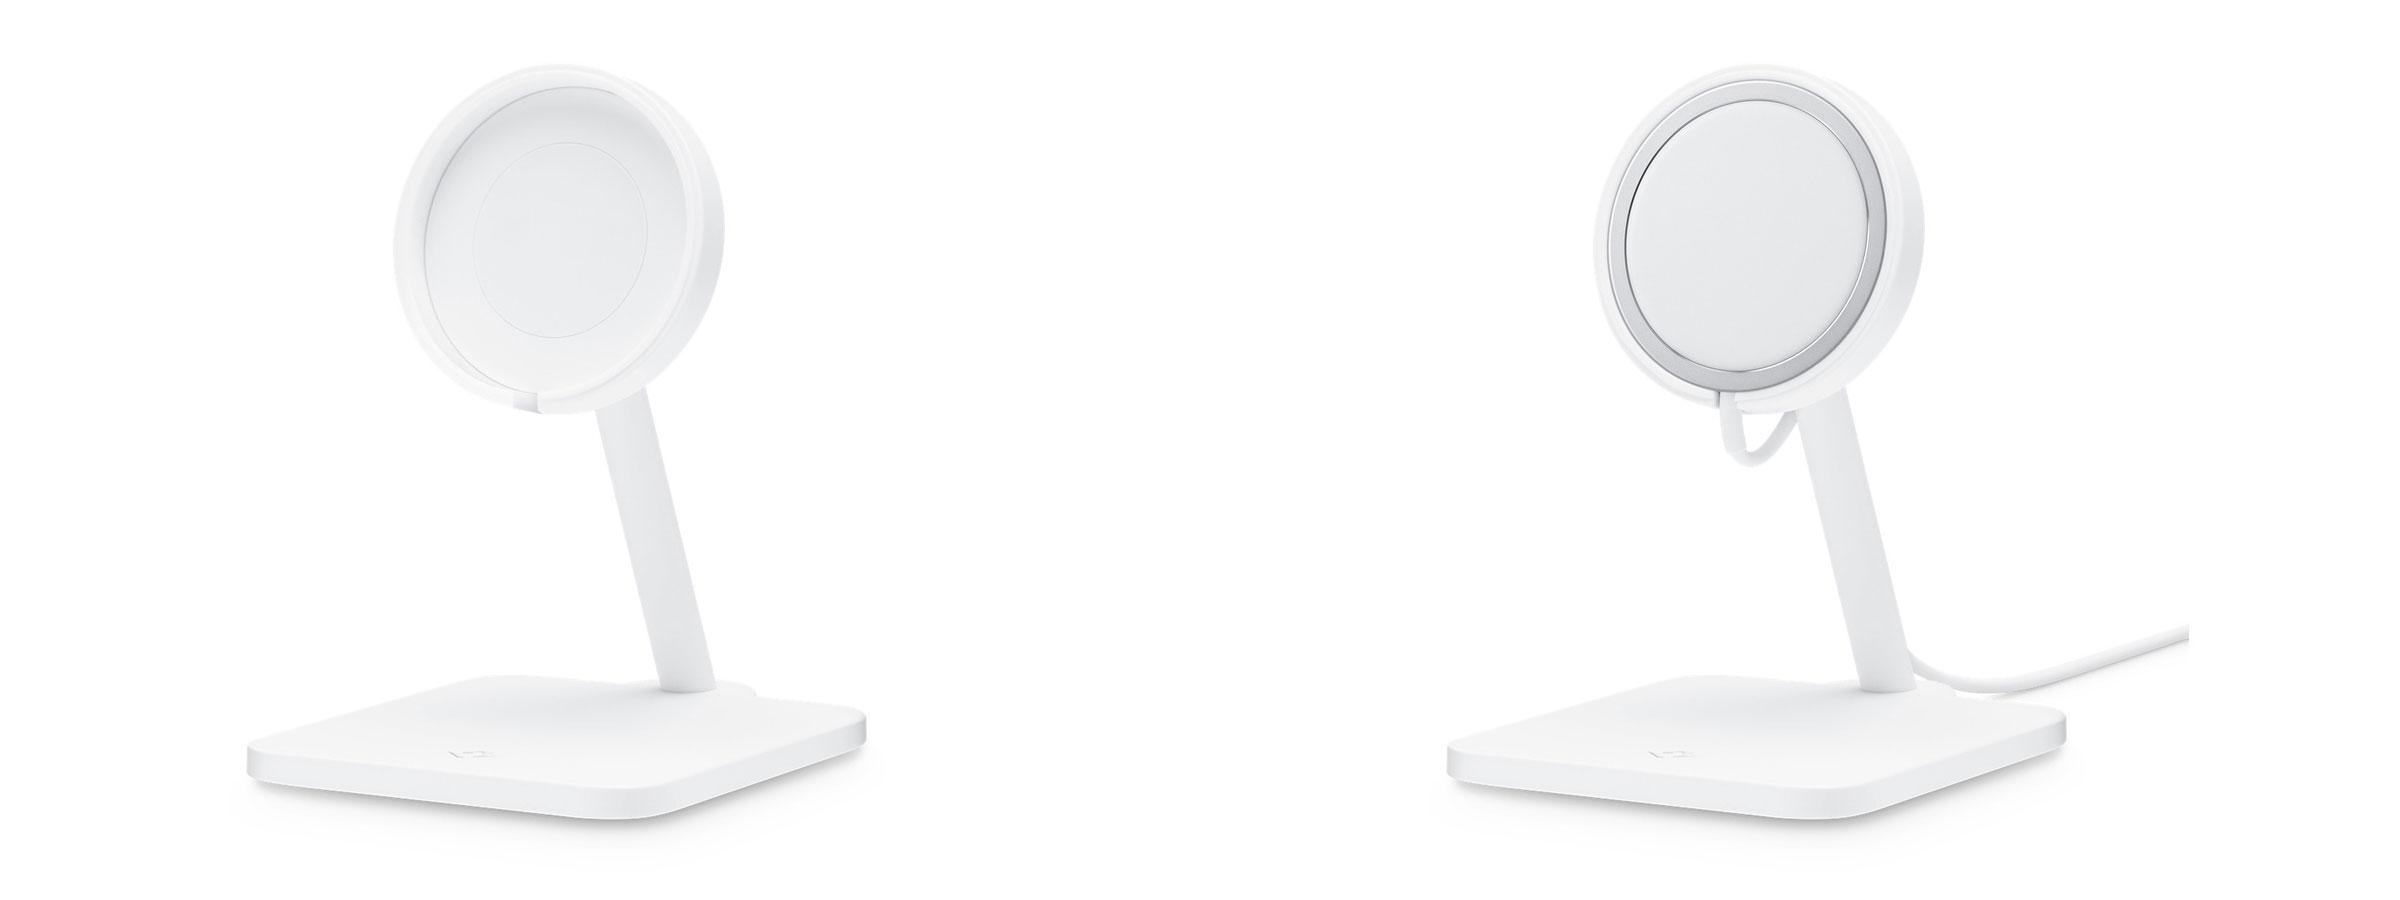 Apple製MagSafe充電器(別売り)に対応